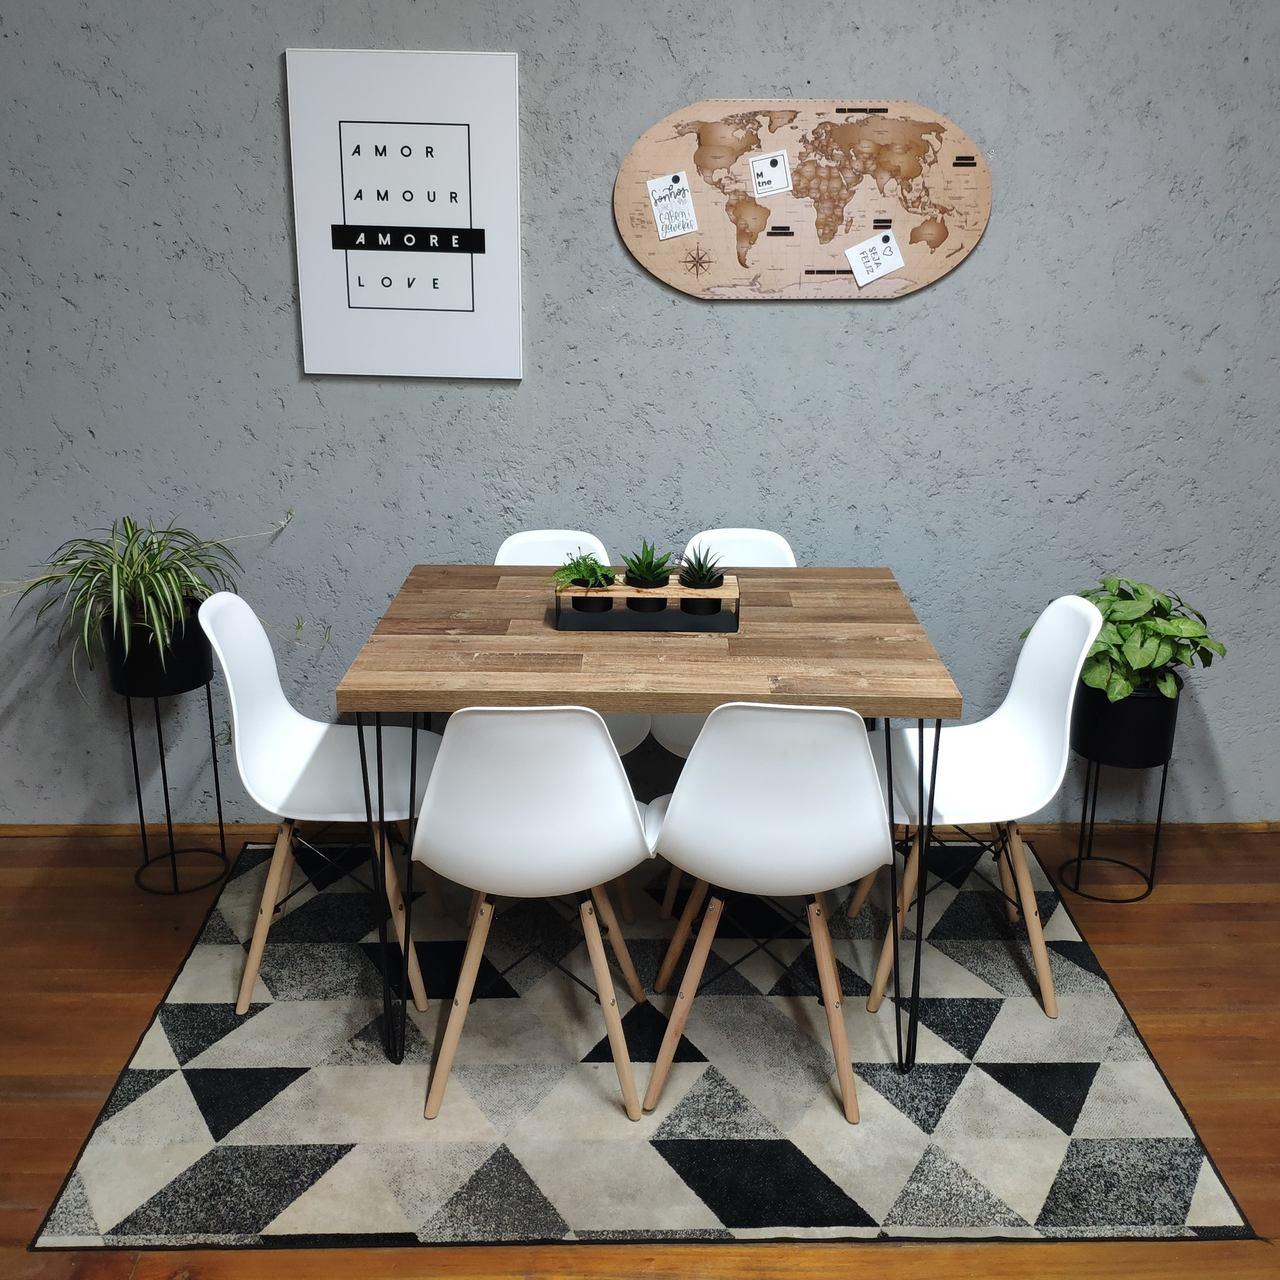 Mesa de Jantar Western Hairpin Legs 90x140 com 6 Cadeiras Eames Brancas